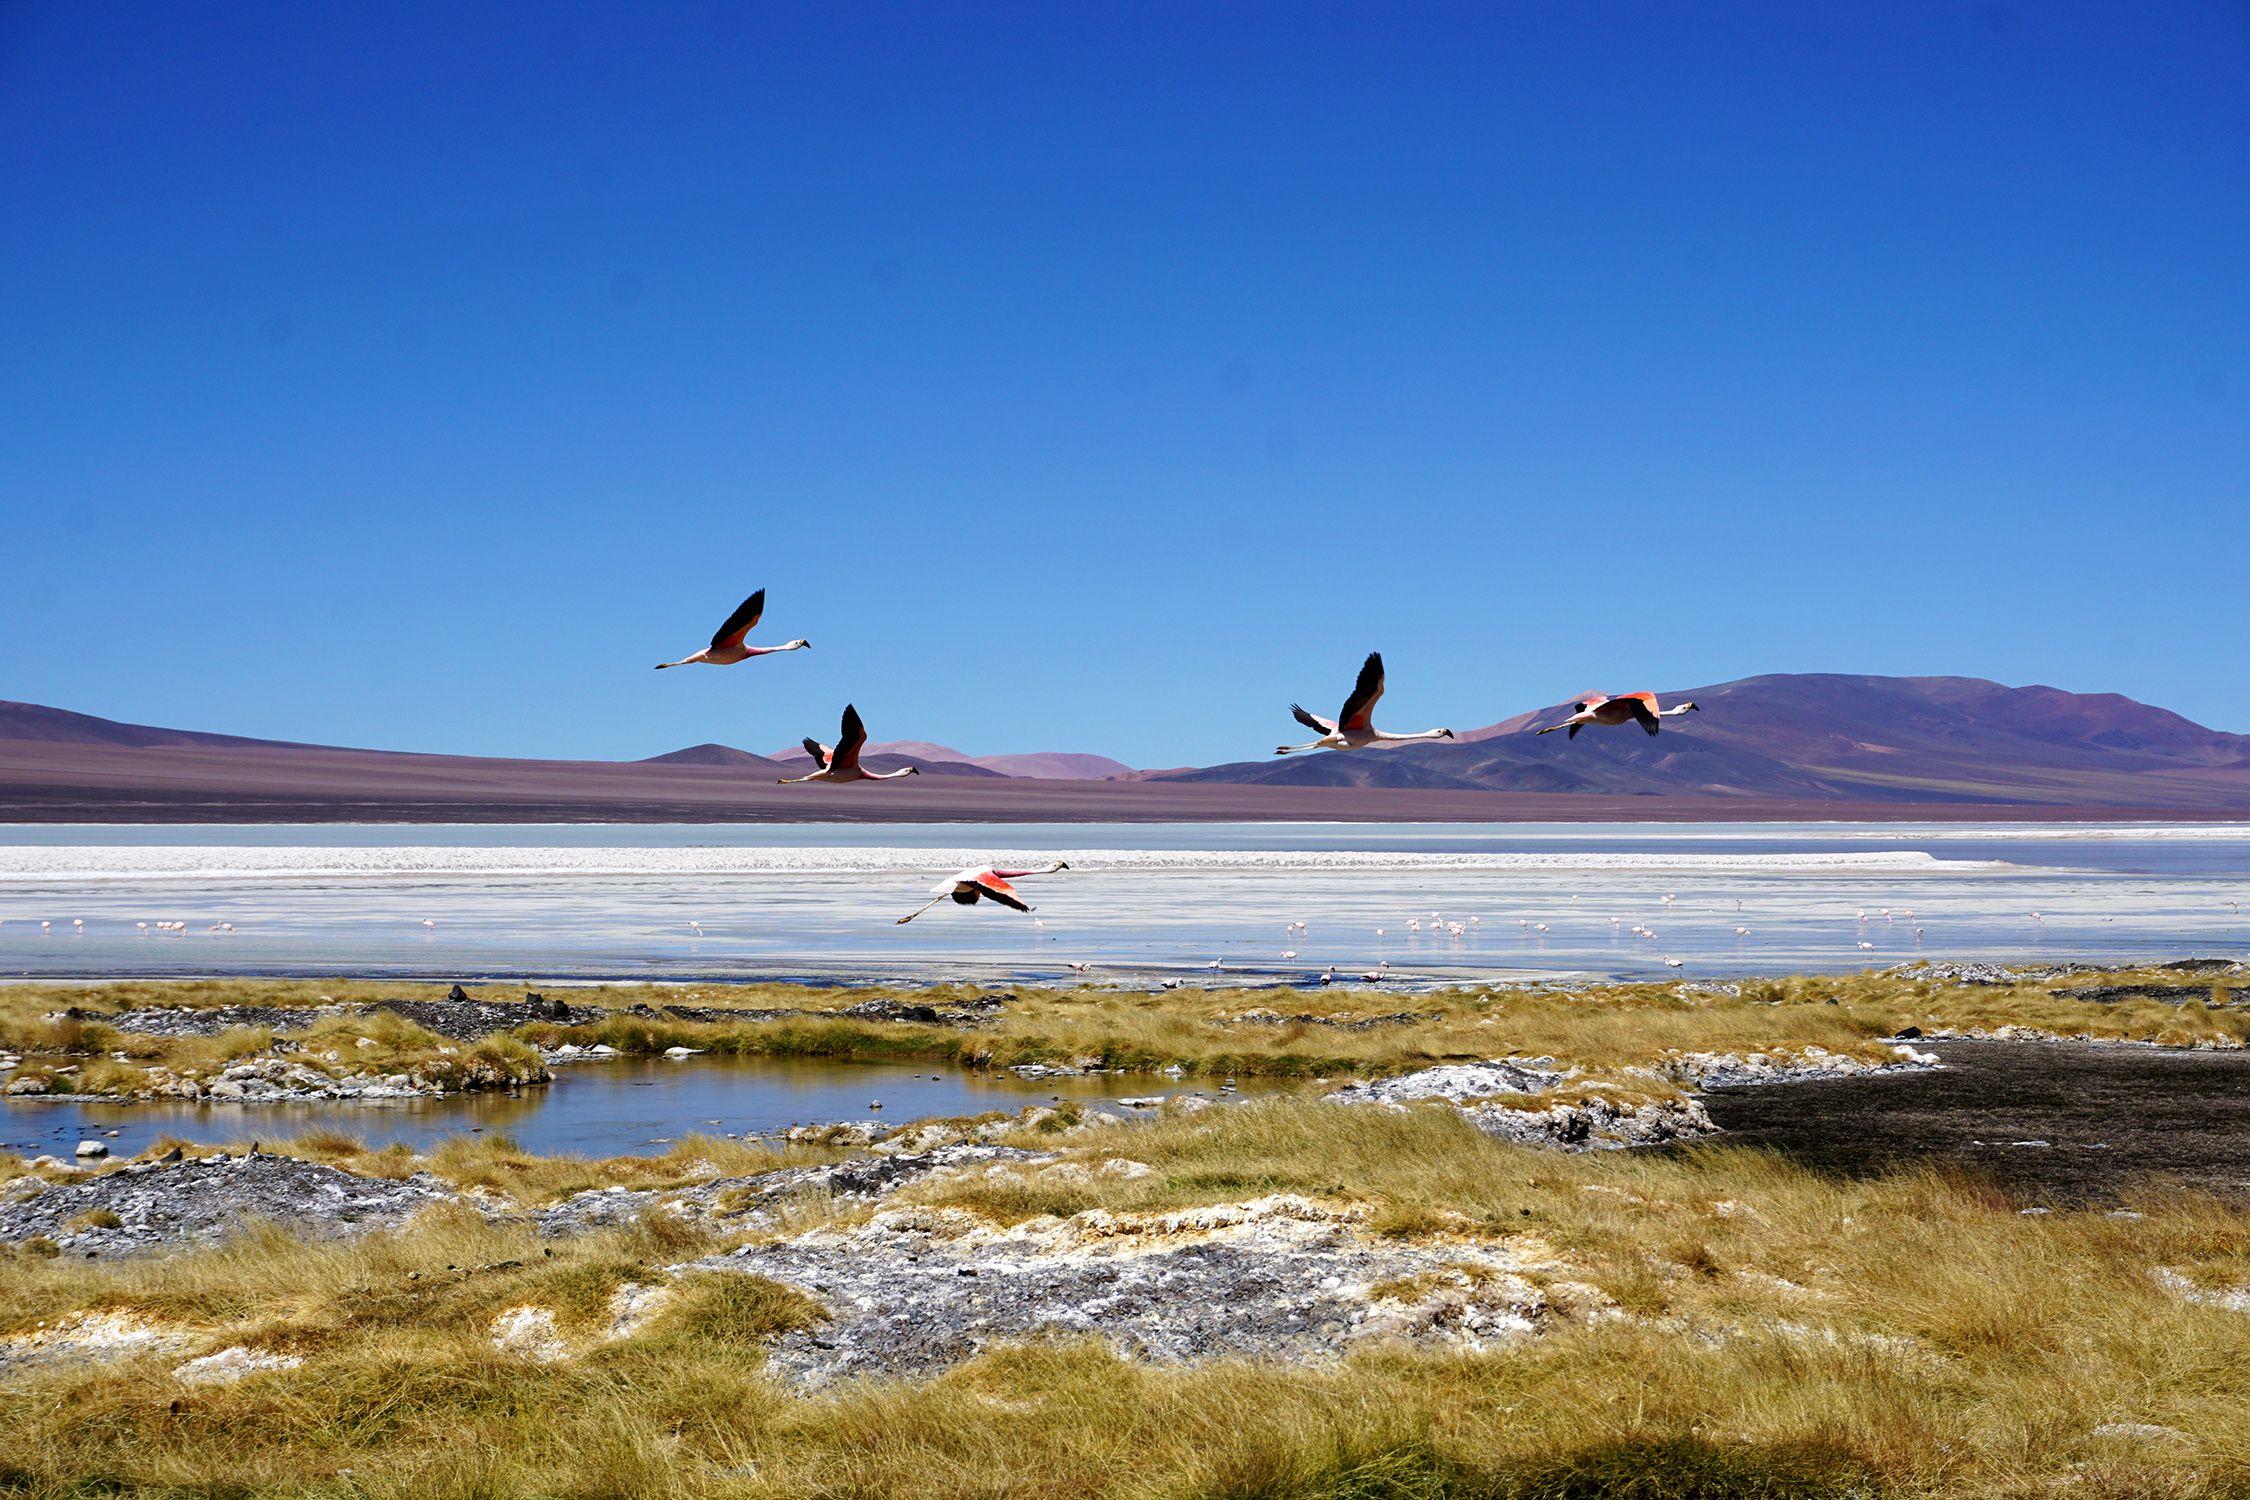 Argentinien Reise Laguna Brava Mit Flamingos La Rioja Villa Union Argentinien Norden Reisen Reiseziele Argentinien